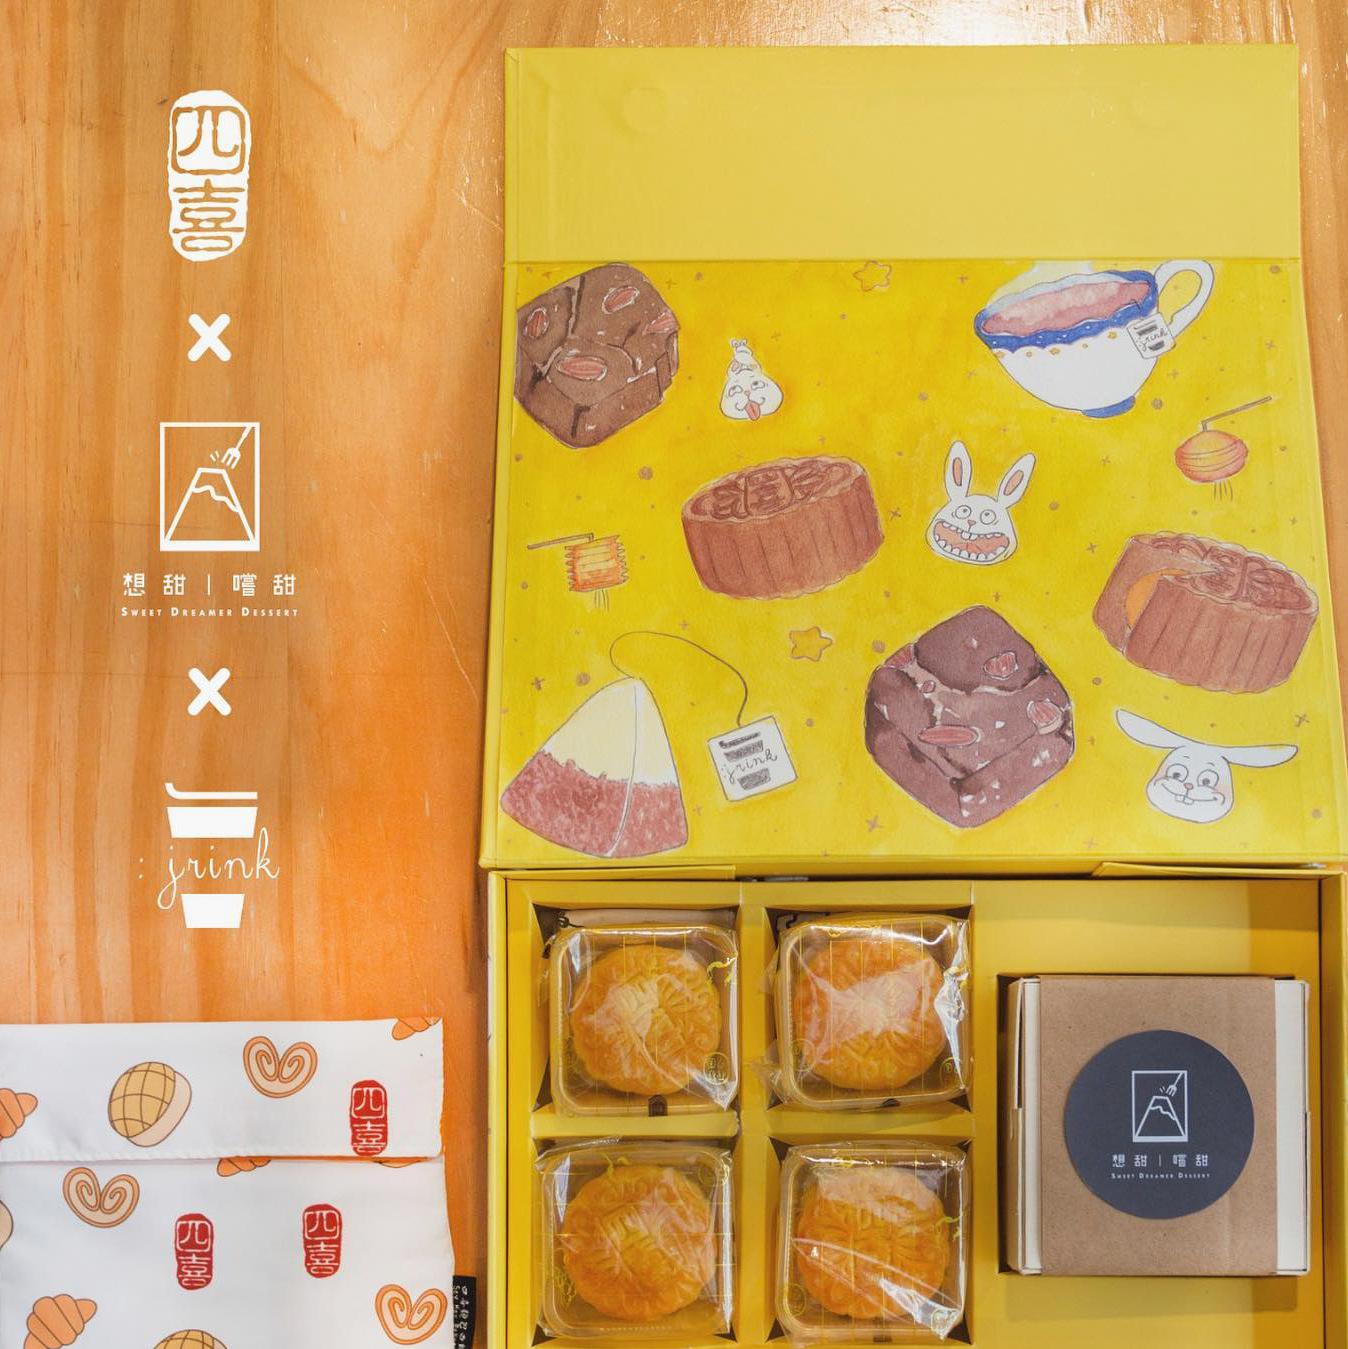 四喜麵包西餅 想甜嚐甜 Jrink